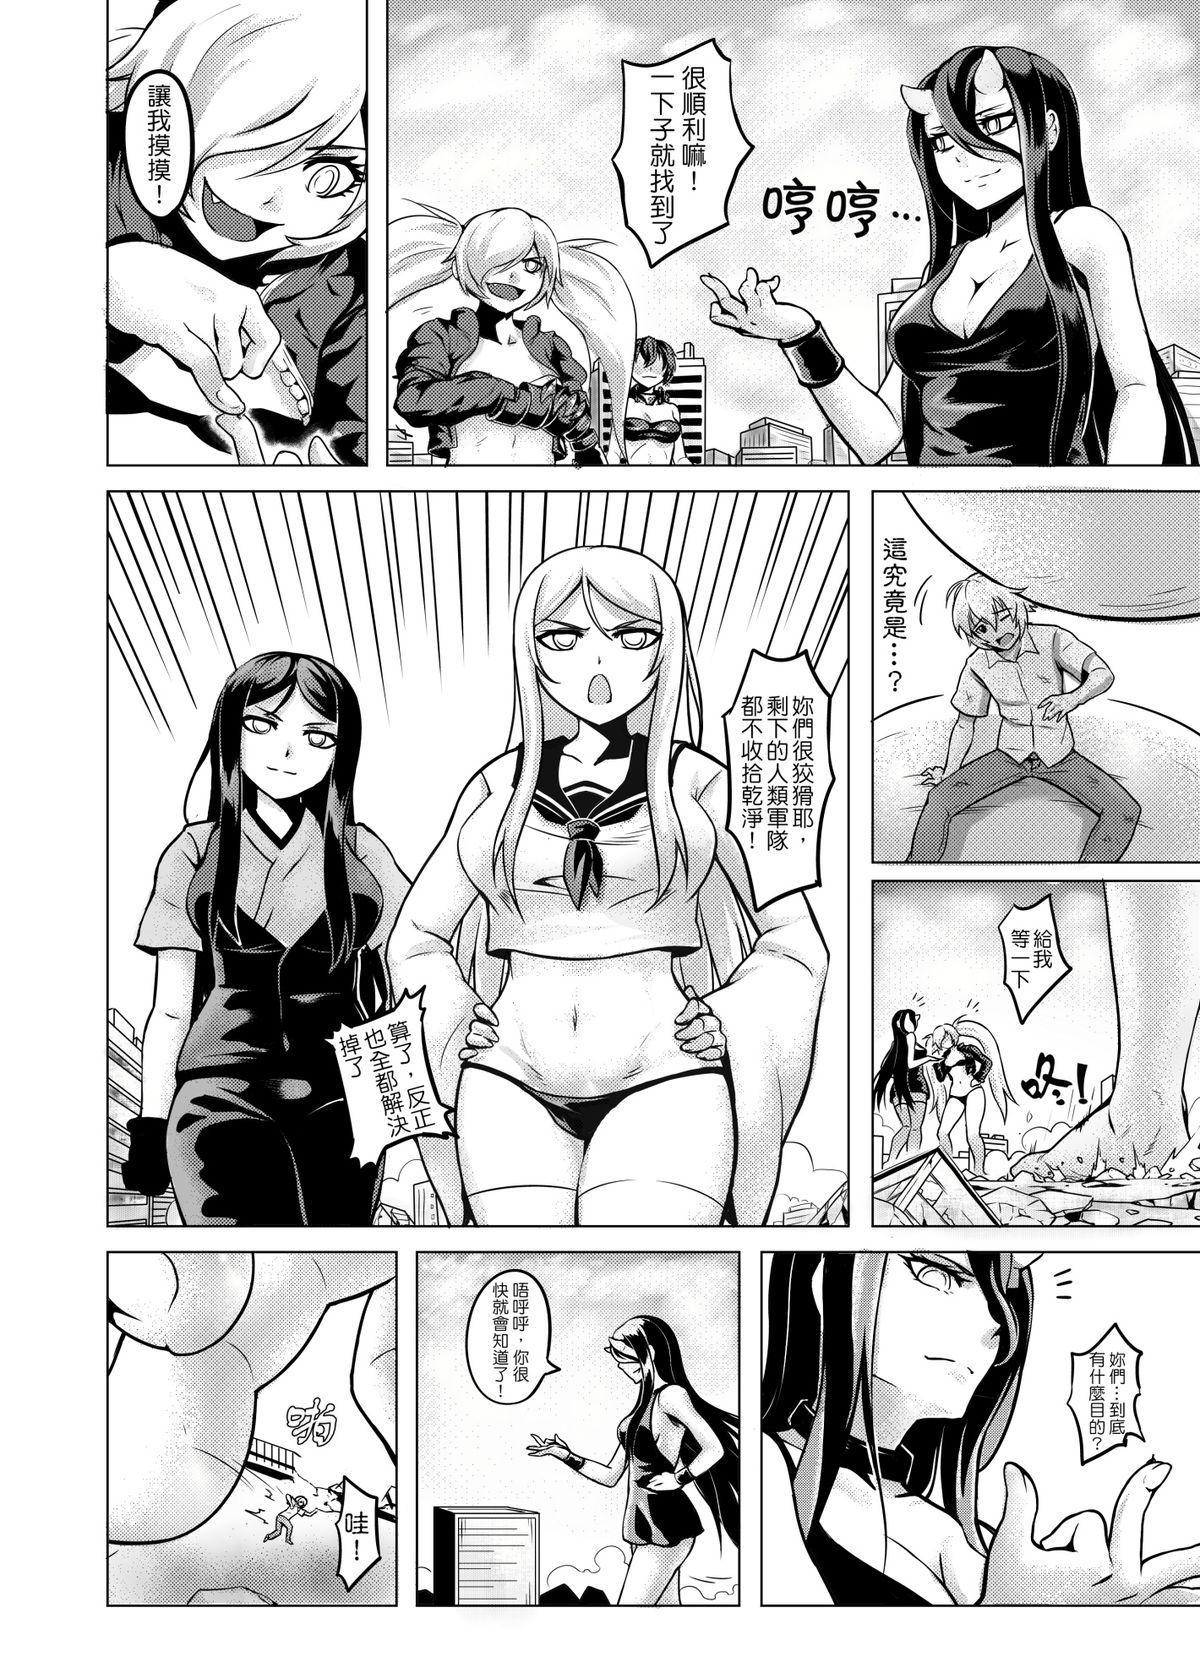 Shinkai no Masenki 10